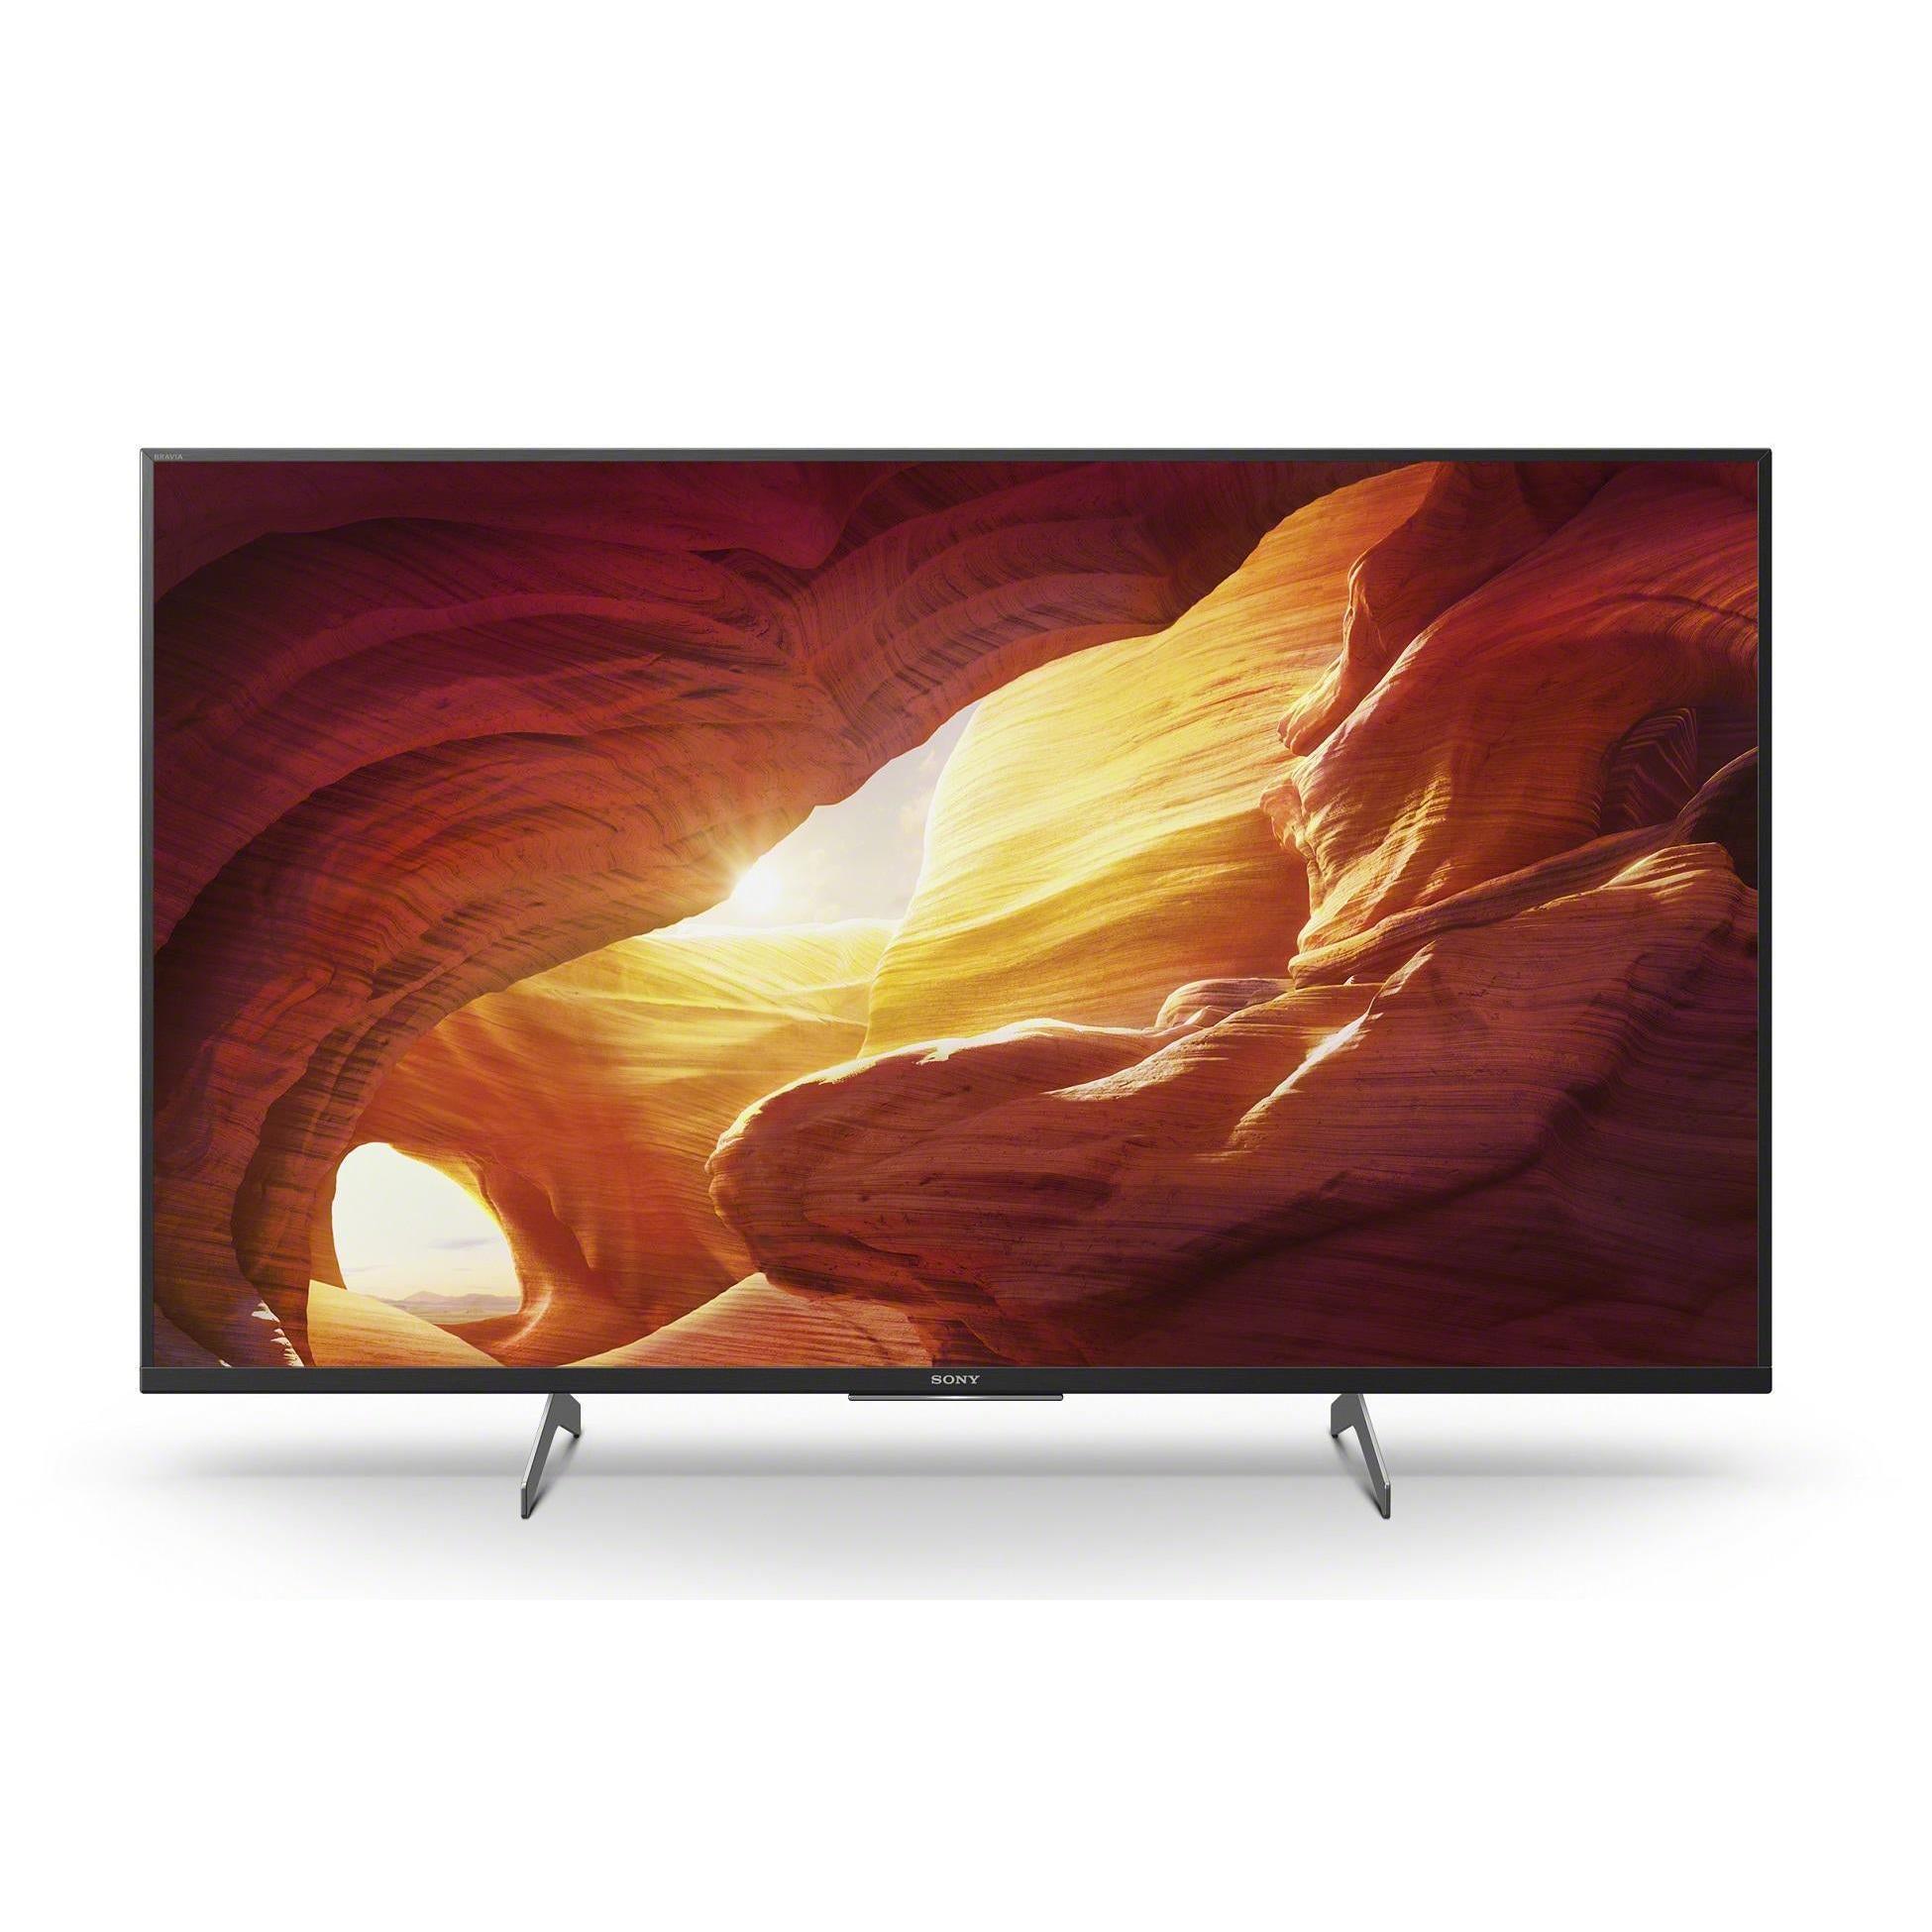 تلویزیون 65 اینچ سونی Sony X7000 با کیفیت تصویر 4K